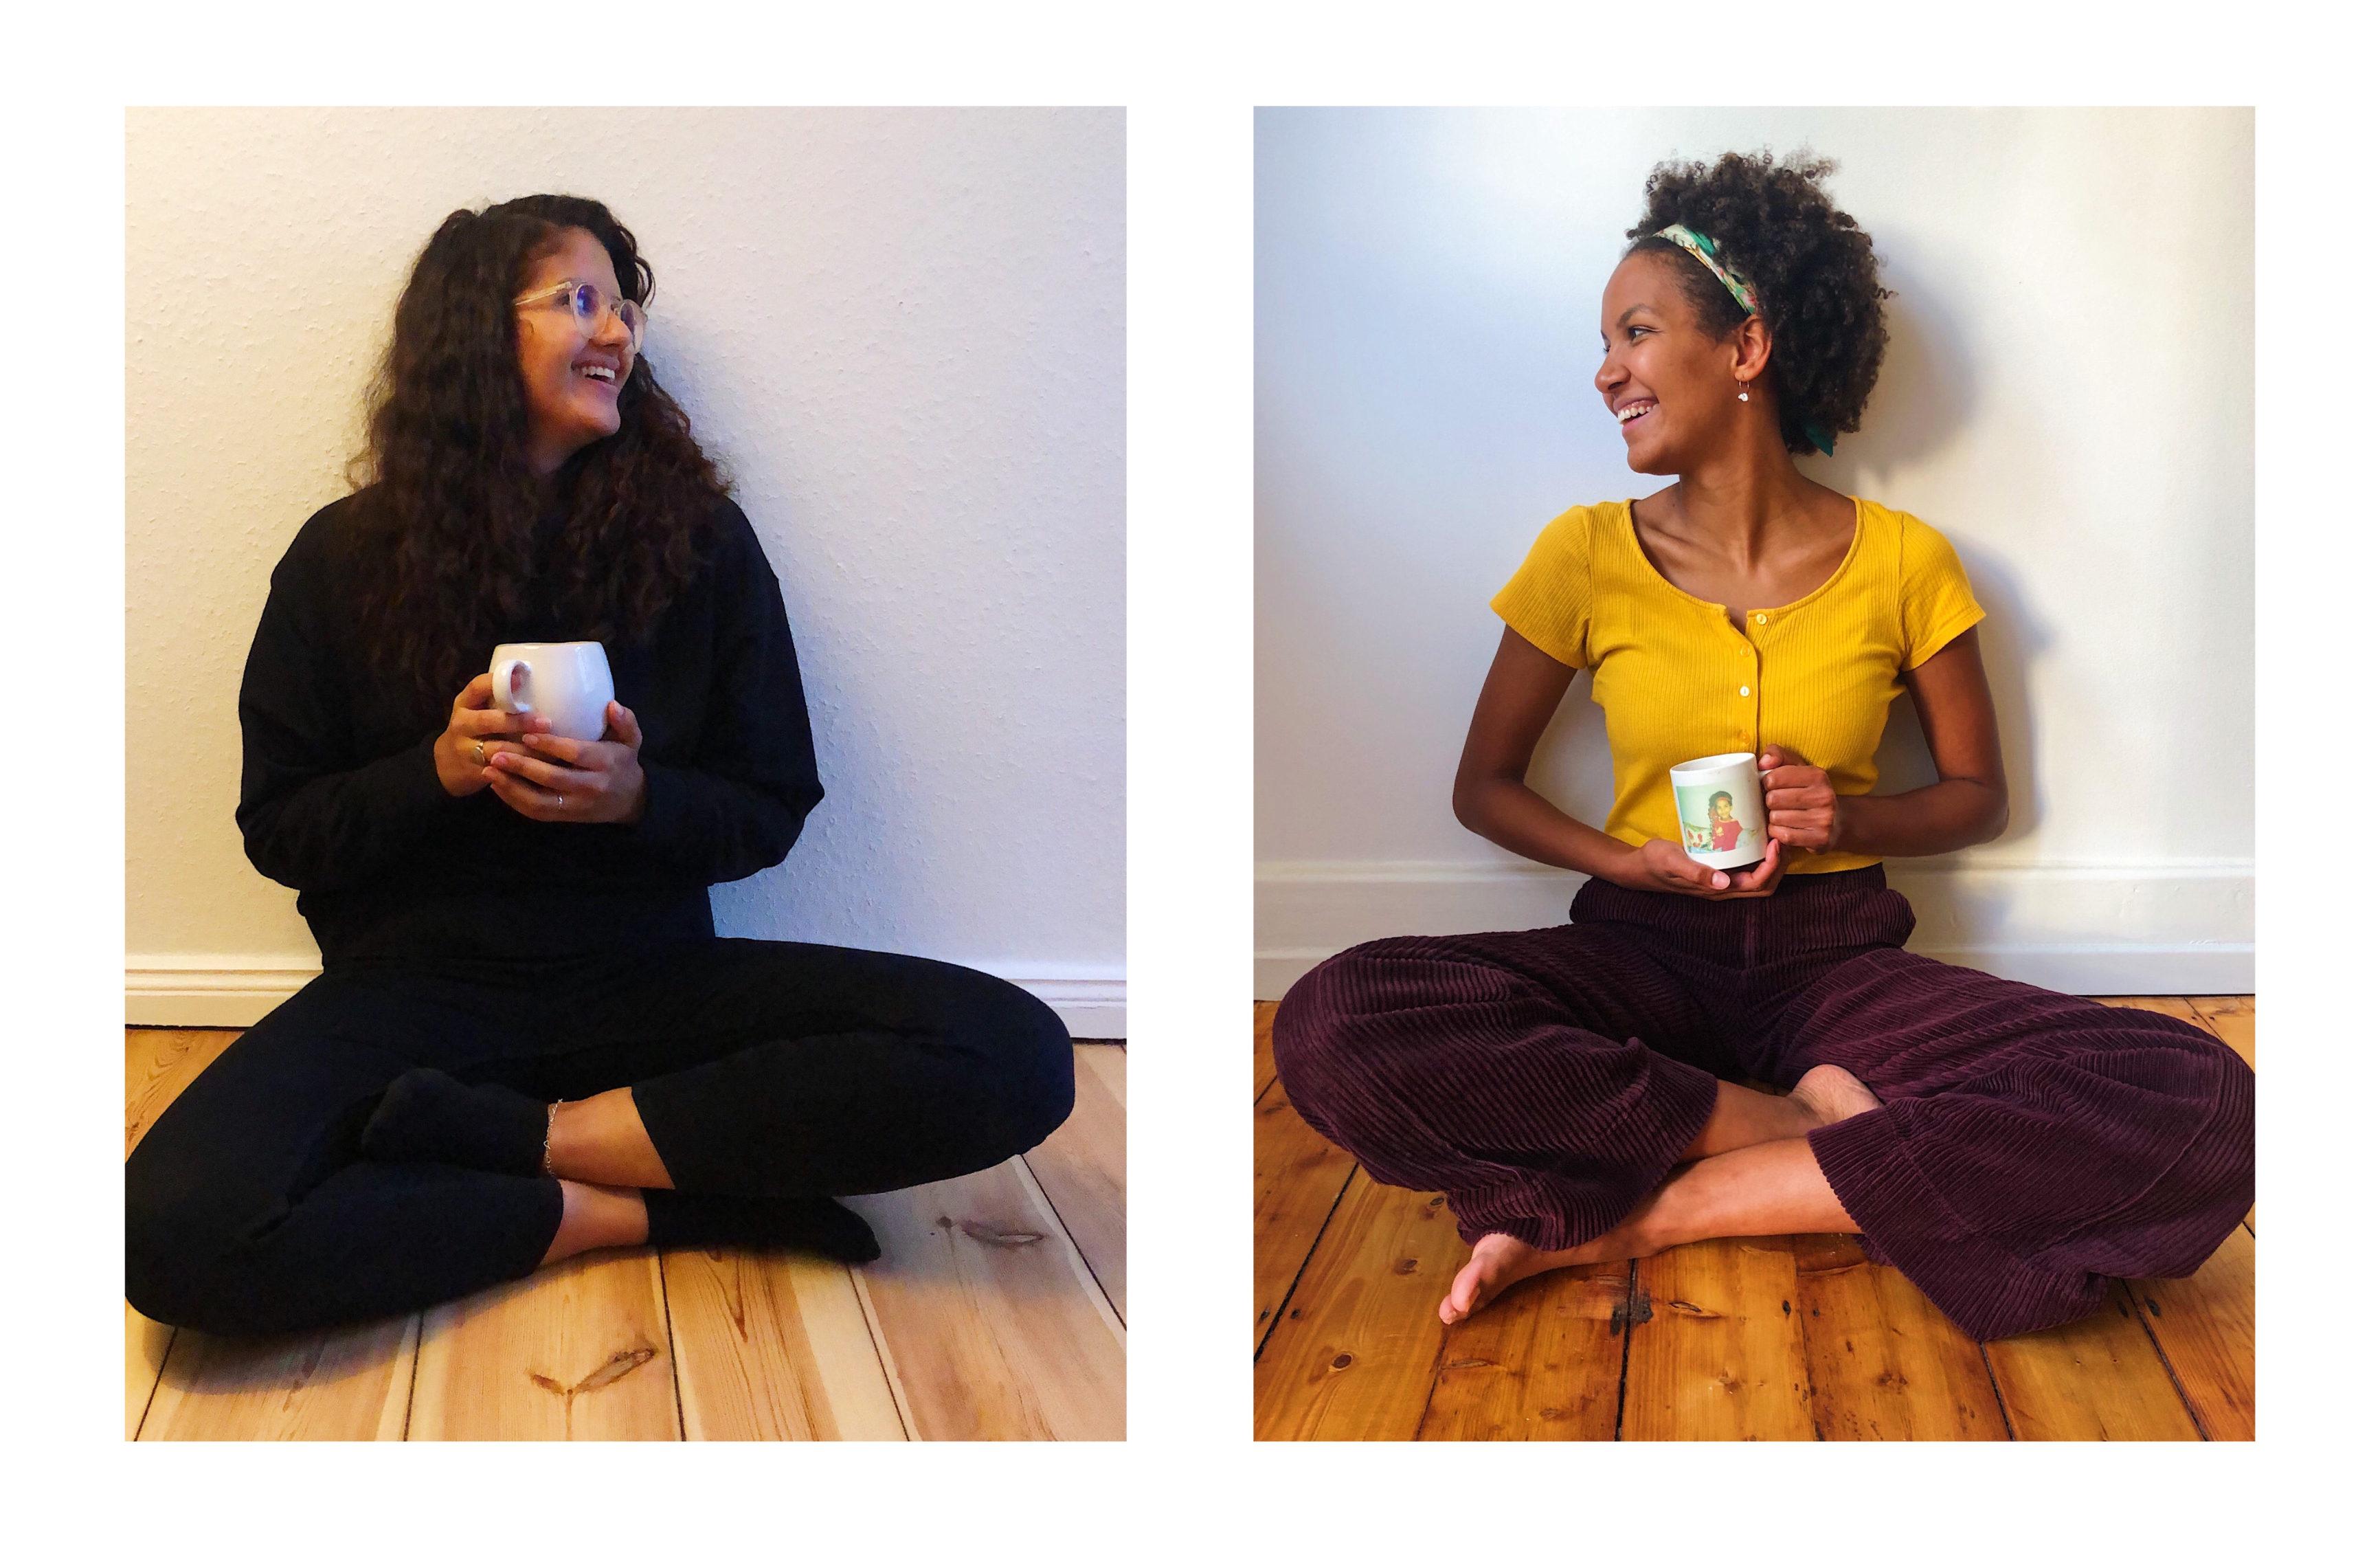 Eine Community voller Lebensgeschichten: Wie das Medienstartup Black & Breakfast eine Plattform für BPoCs aufbaut